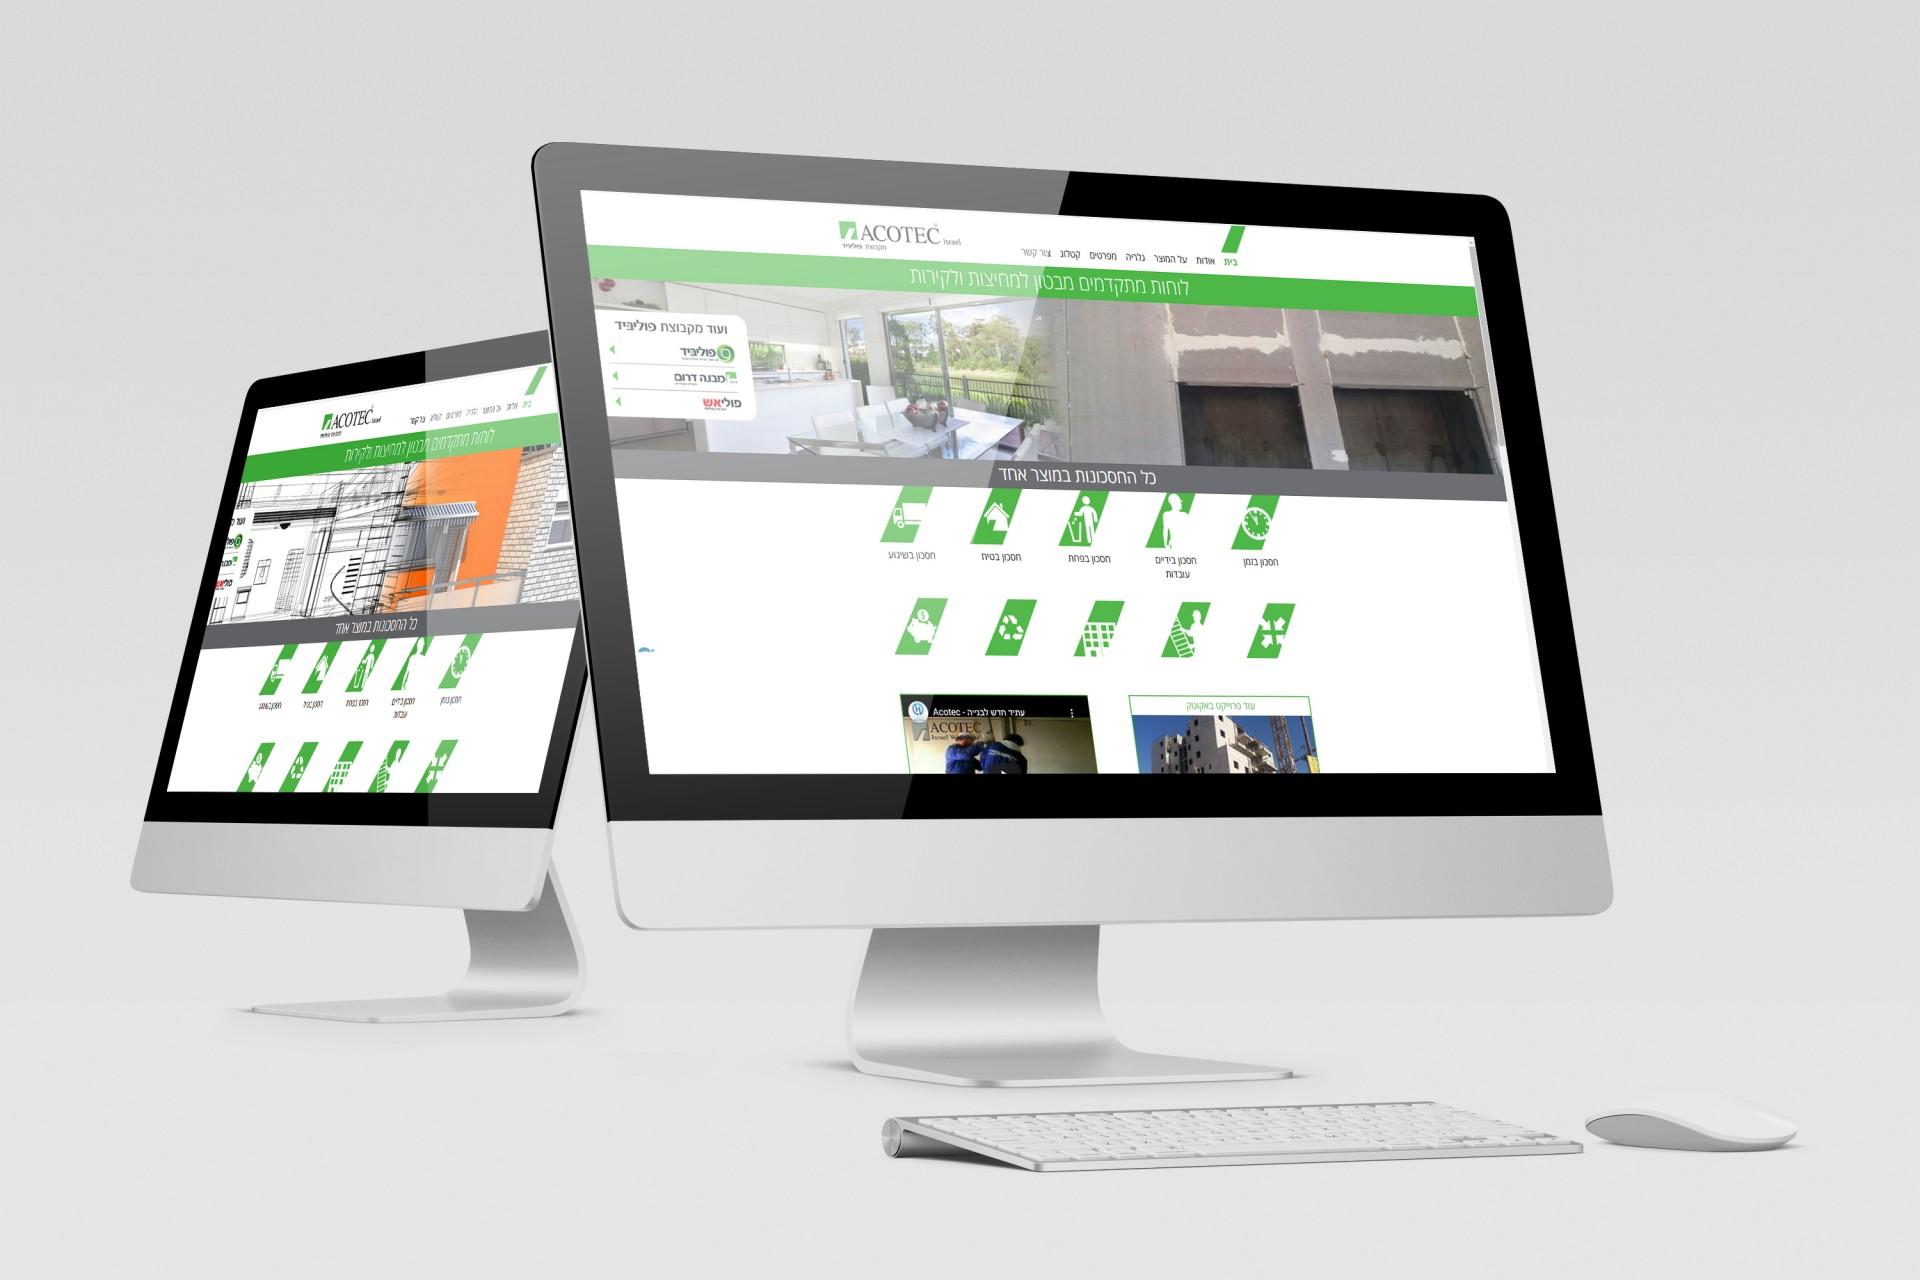 עיצוב והקמת אתר עבור חברת אקוטק